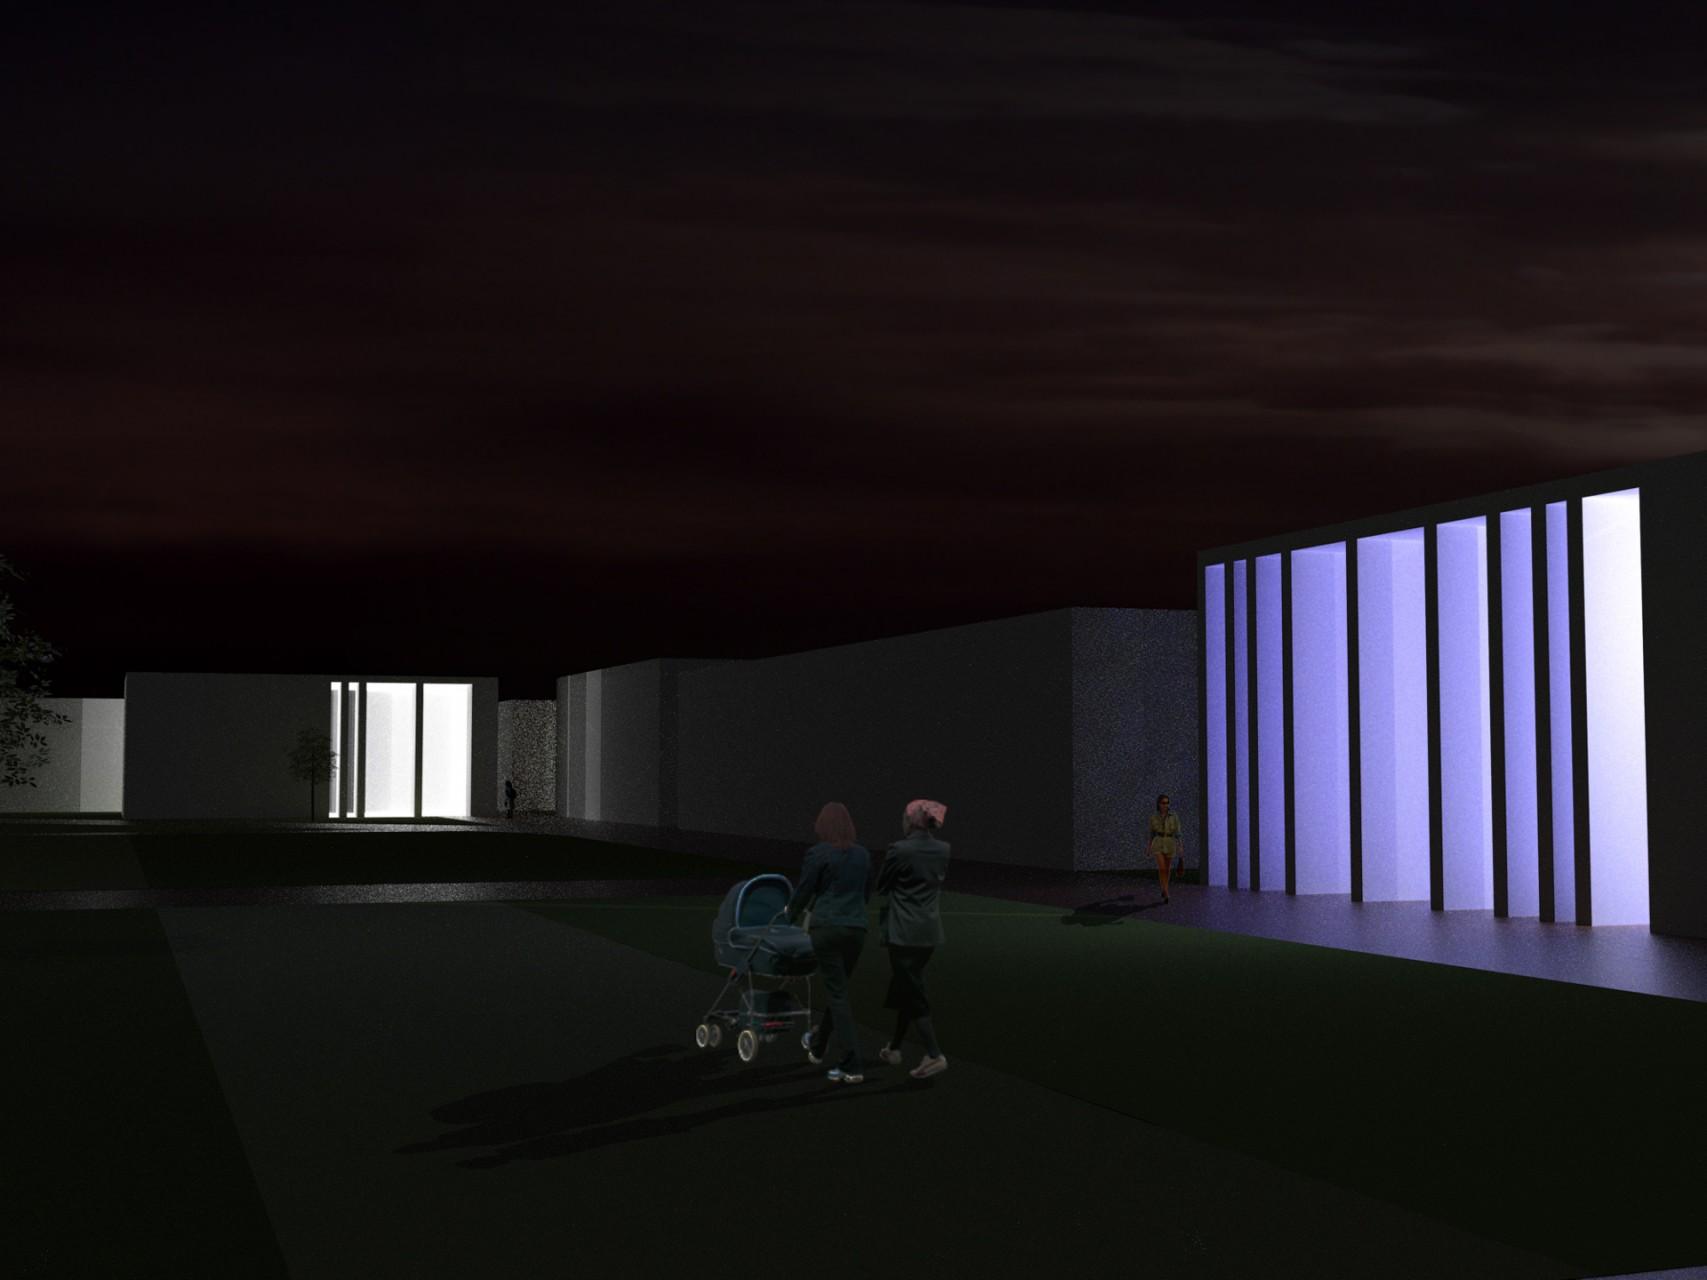 nocturno-final-1